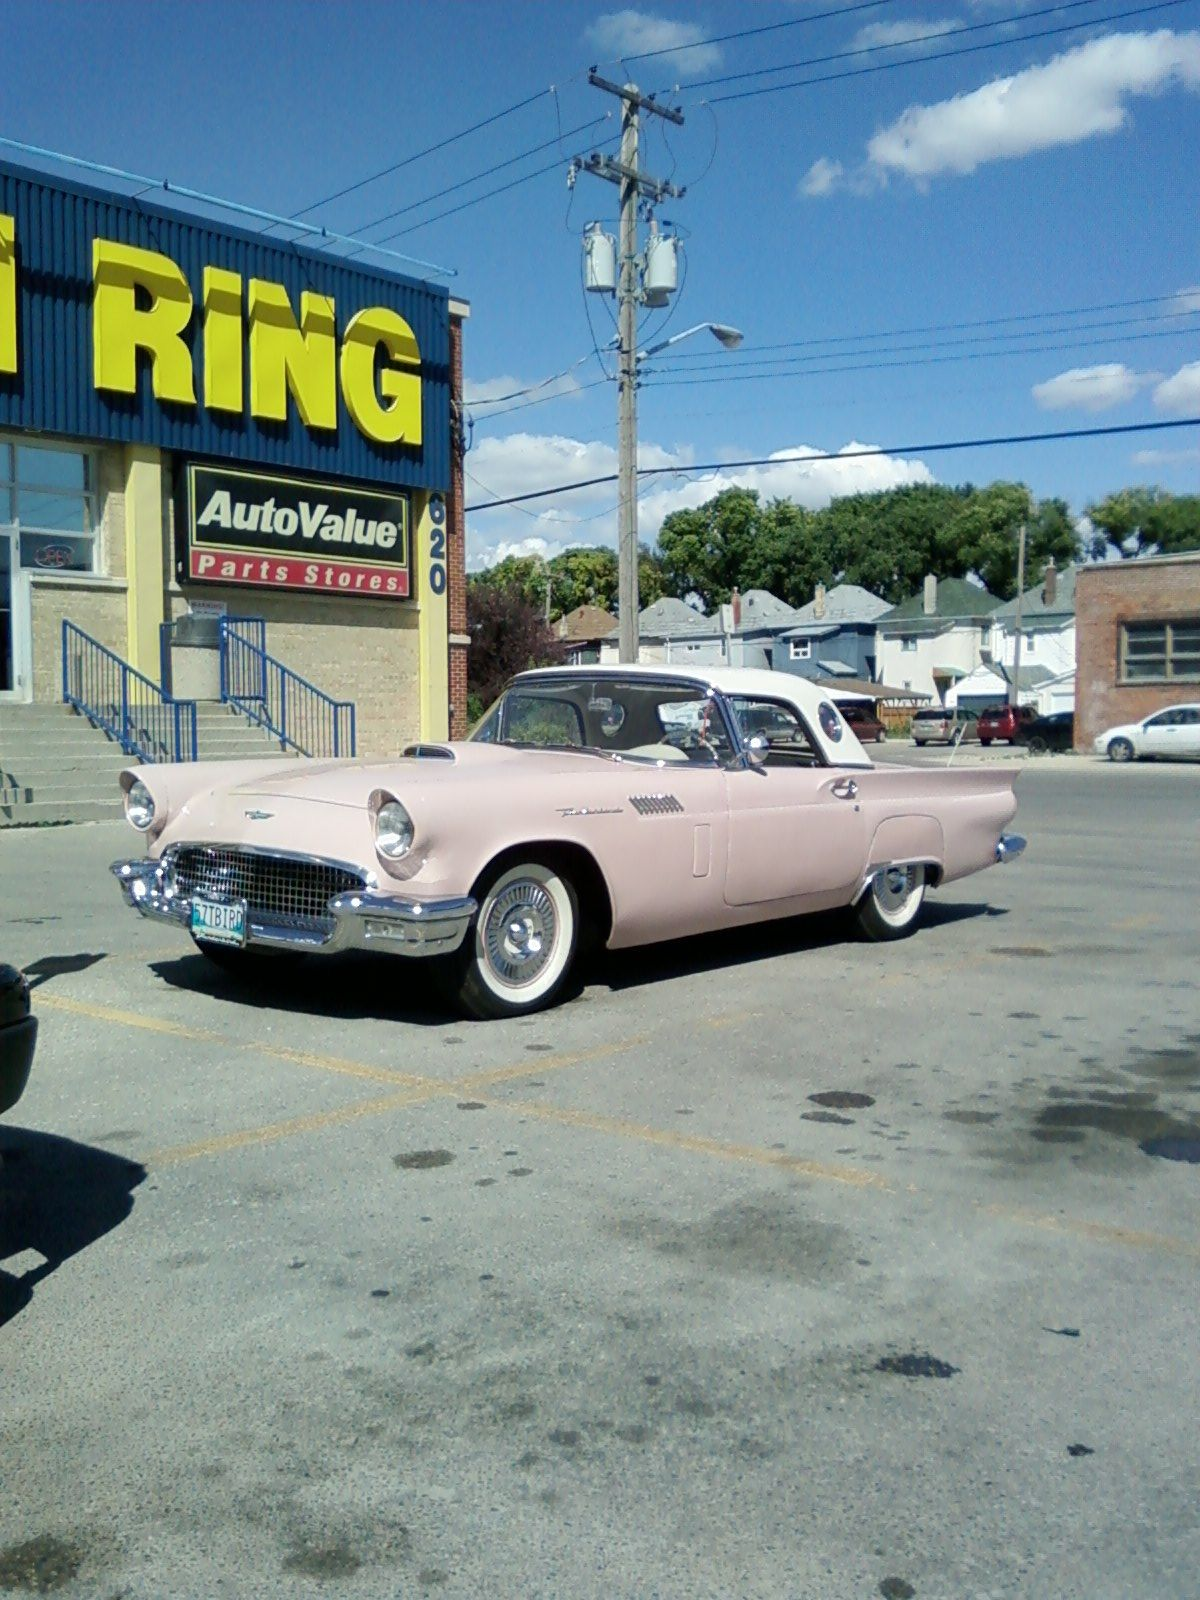 1957 Thunderbird I wanted one sooooo bad when I was a teenager ...